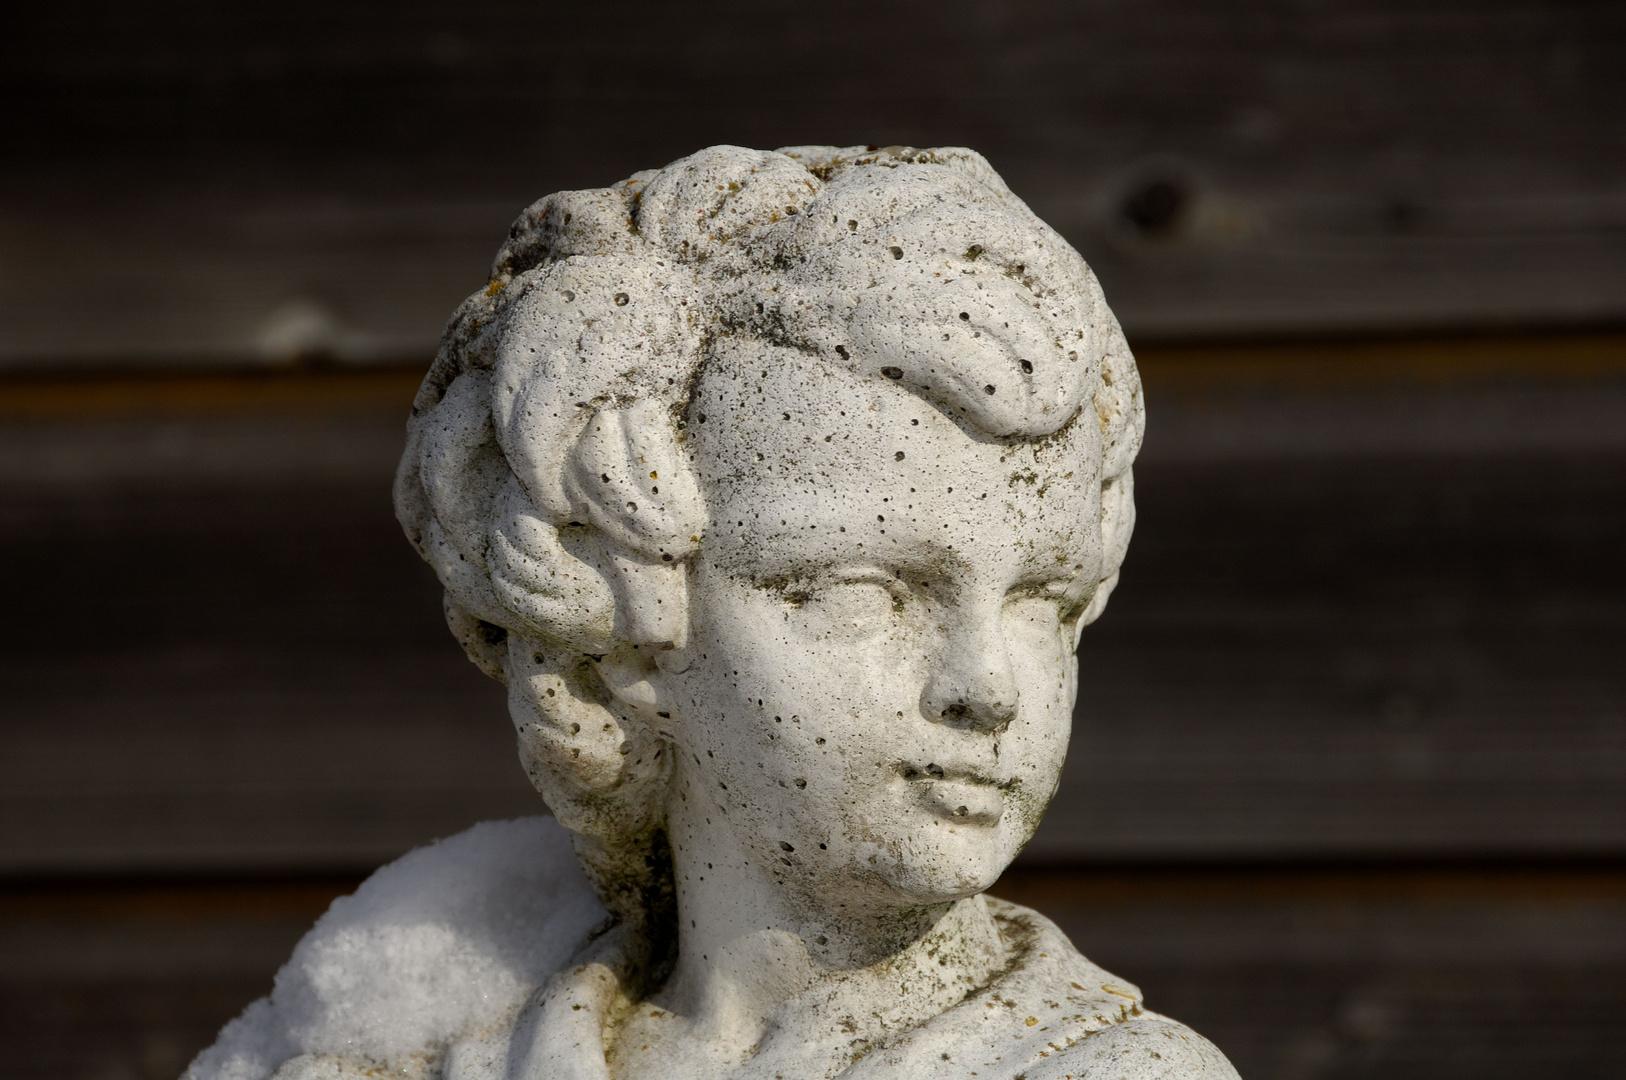 Steinfigur eines Antiquitätenhändlers